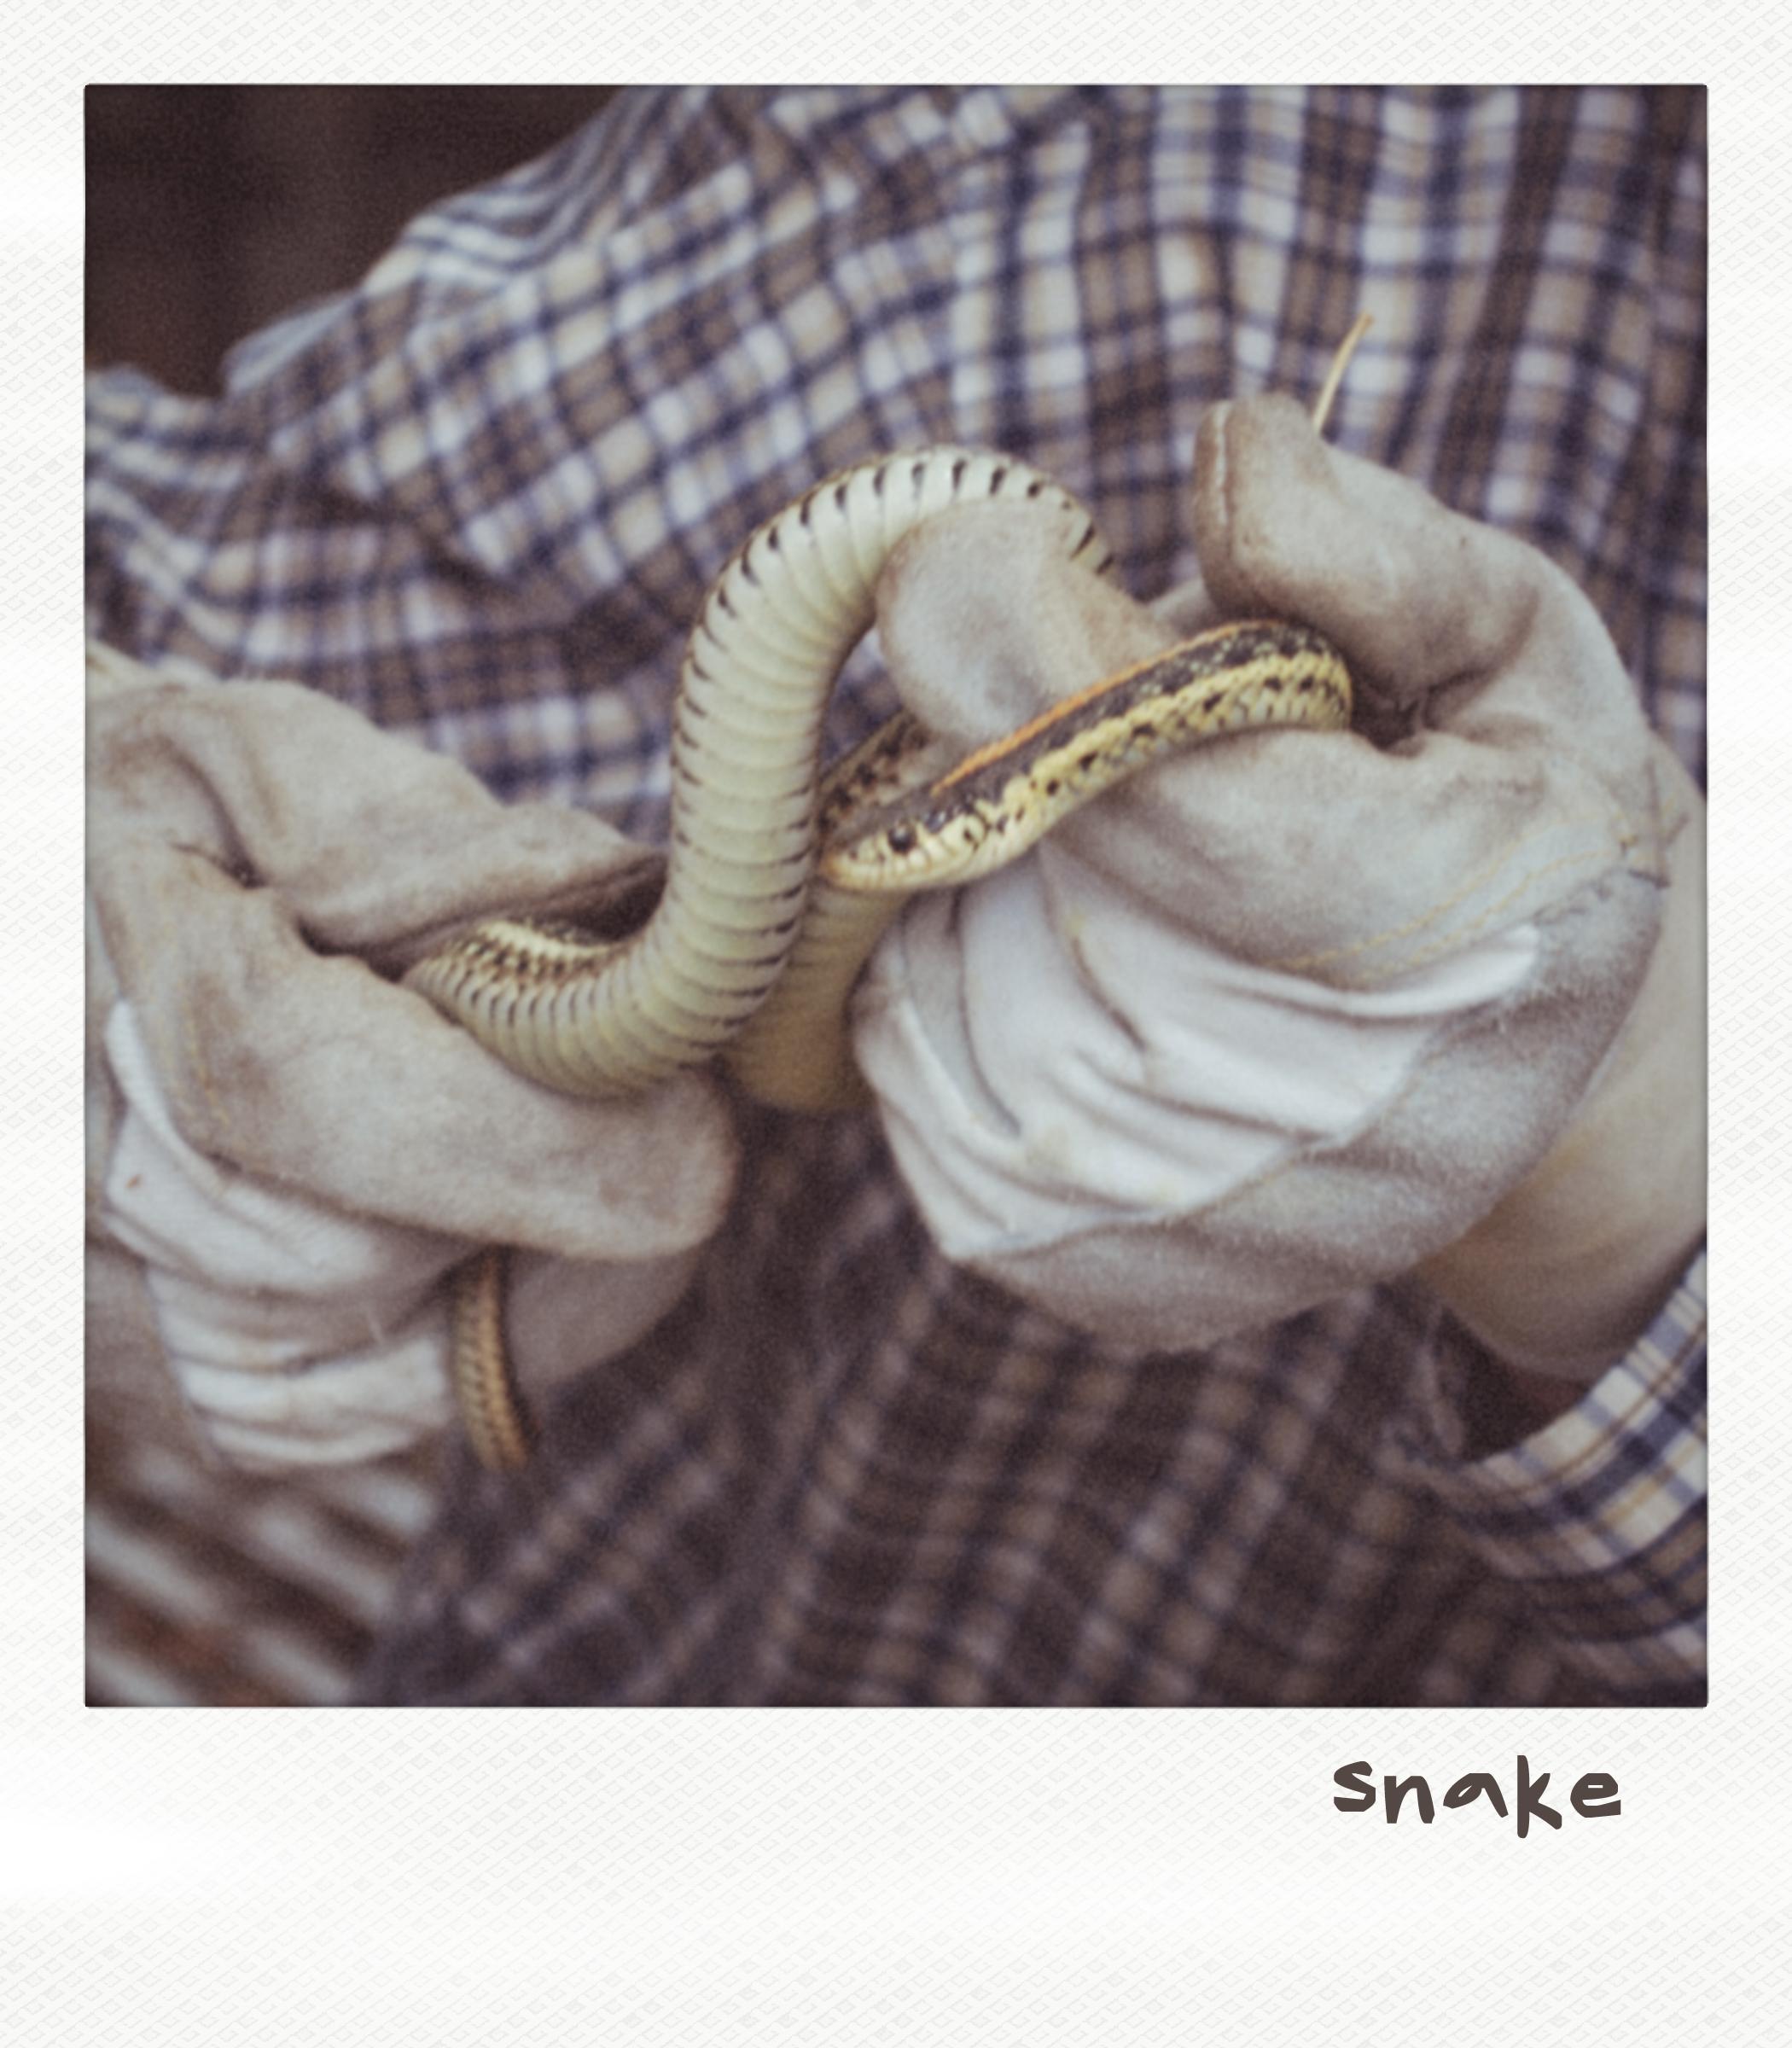 Snake number 1